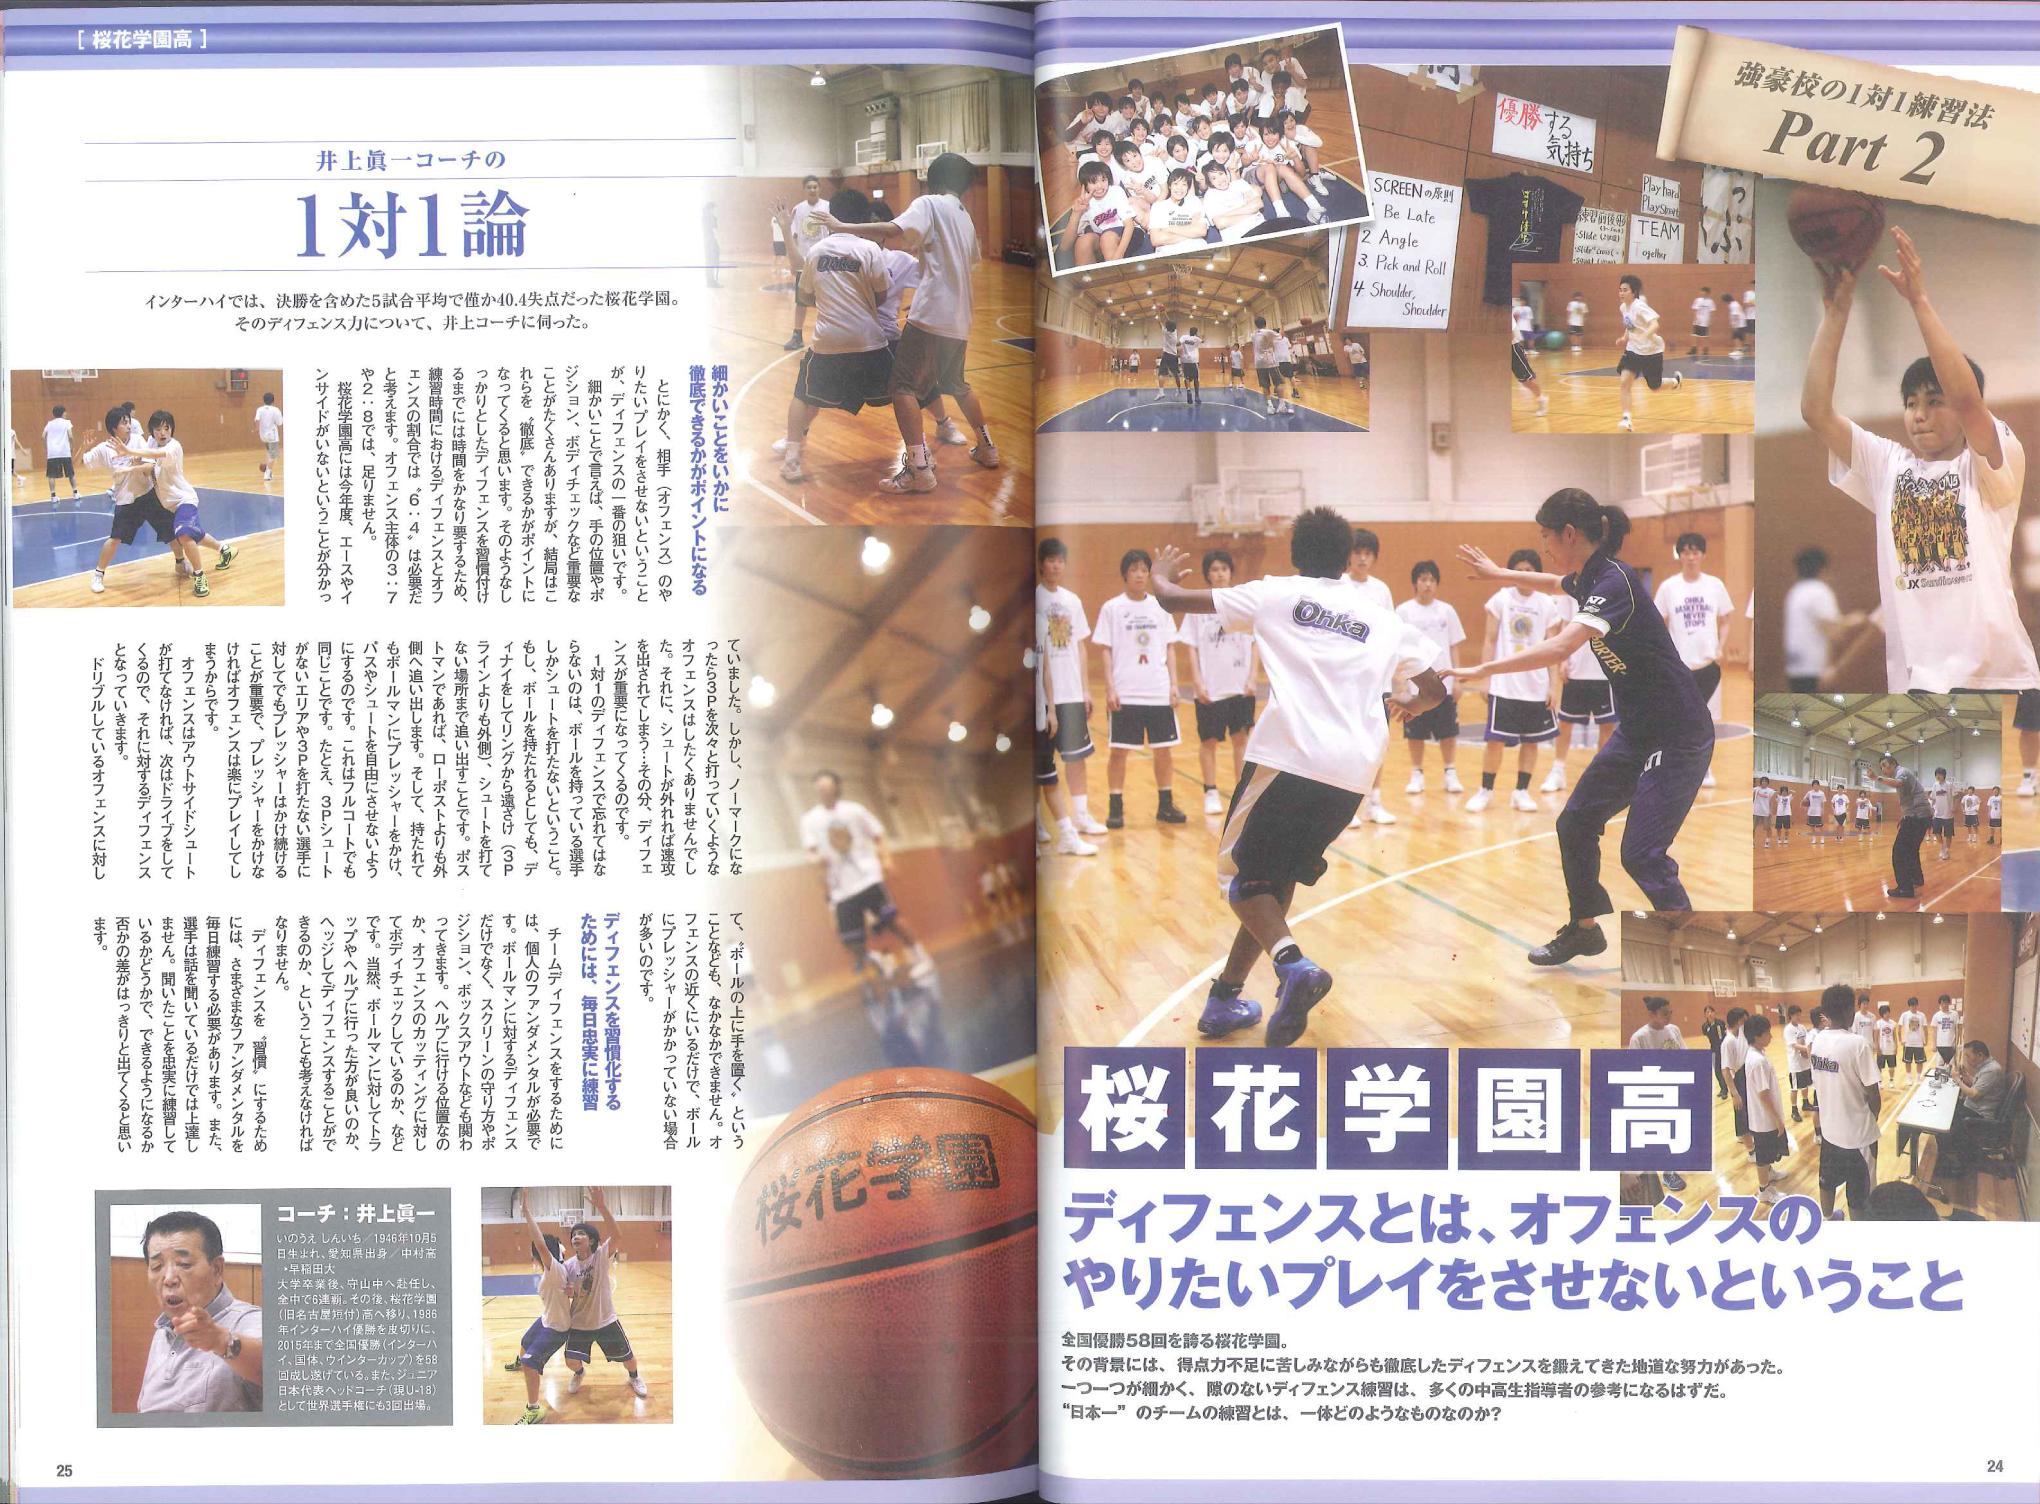 バスケットボールとっておき「練習レシピ」� 強豪校から学ぶ1対1必勝マニュアル